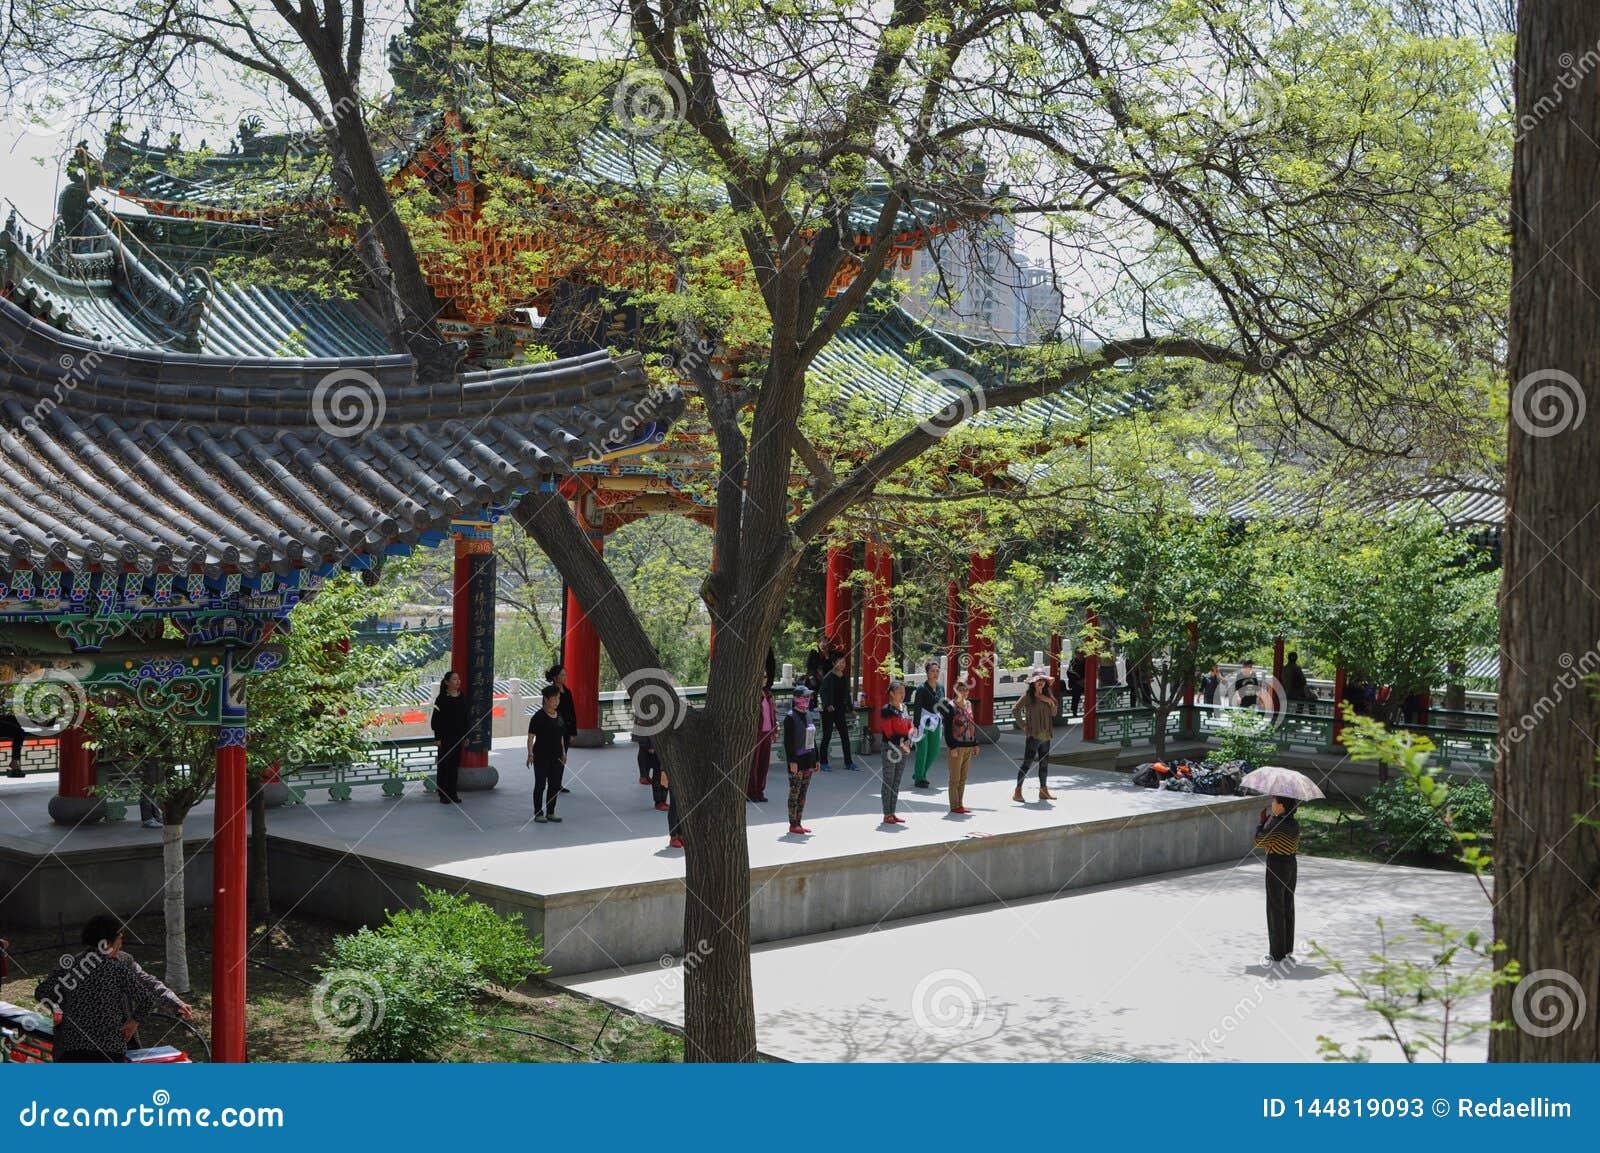 Tanzstunde in einem chinesischen Park